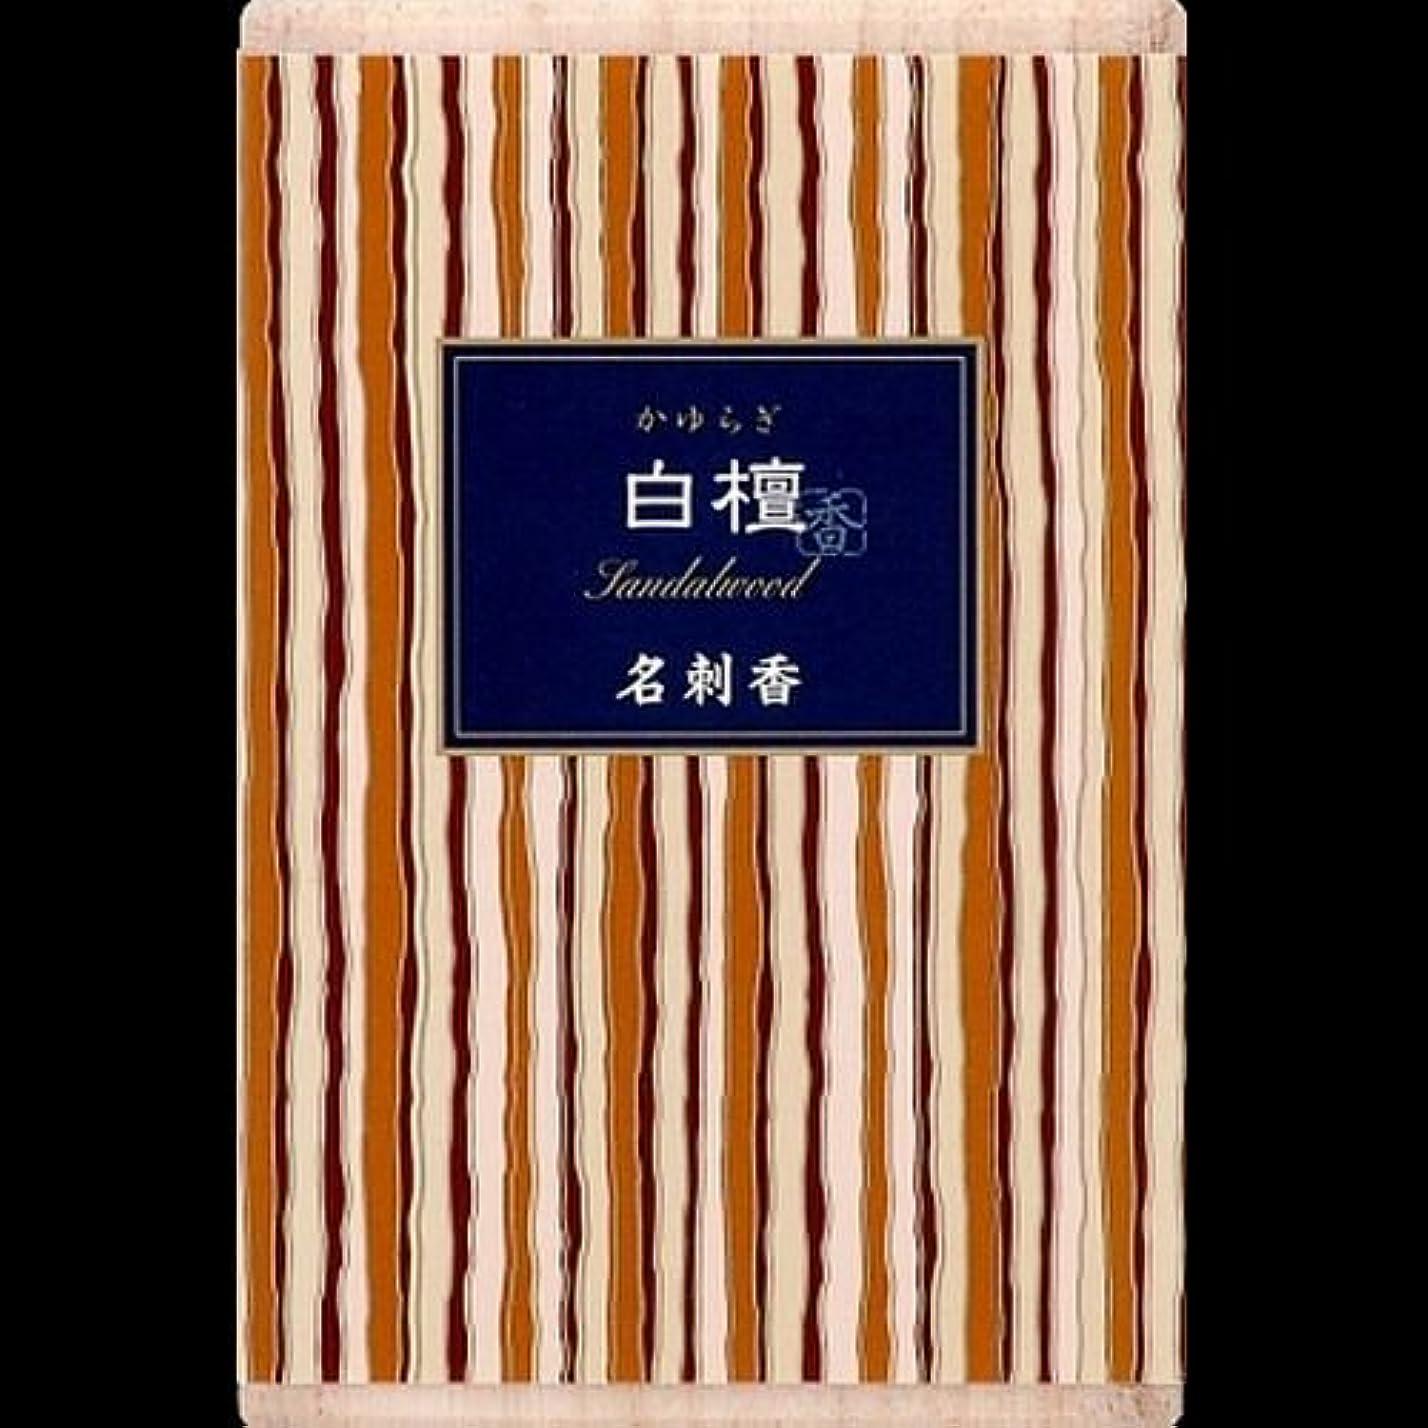 数学召喚する午後【まとめ買い】かゆらぎ 白檀 名刺香 桐箱 6入 ×2セット